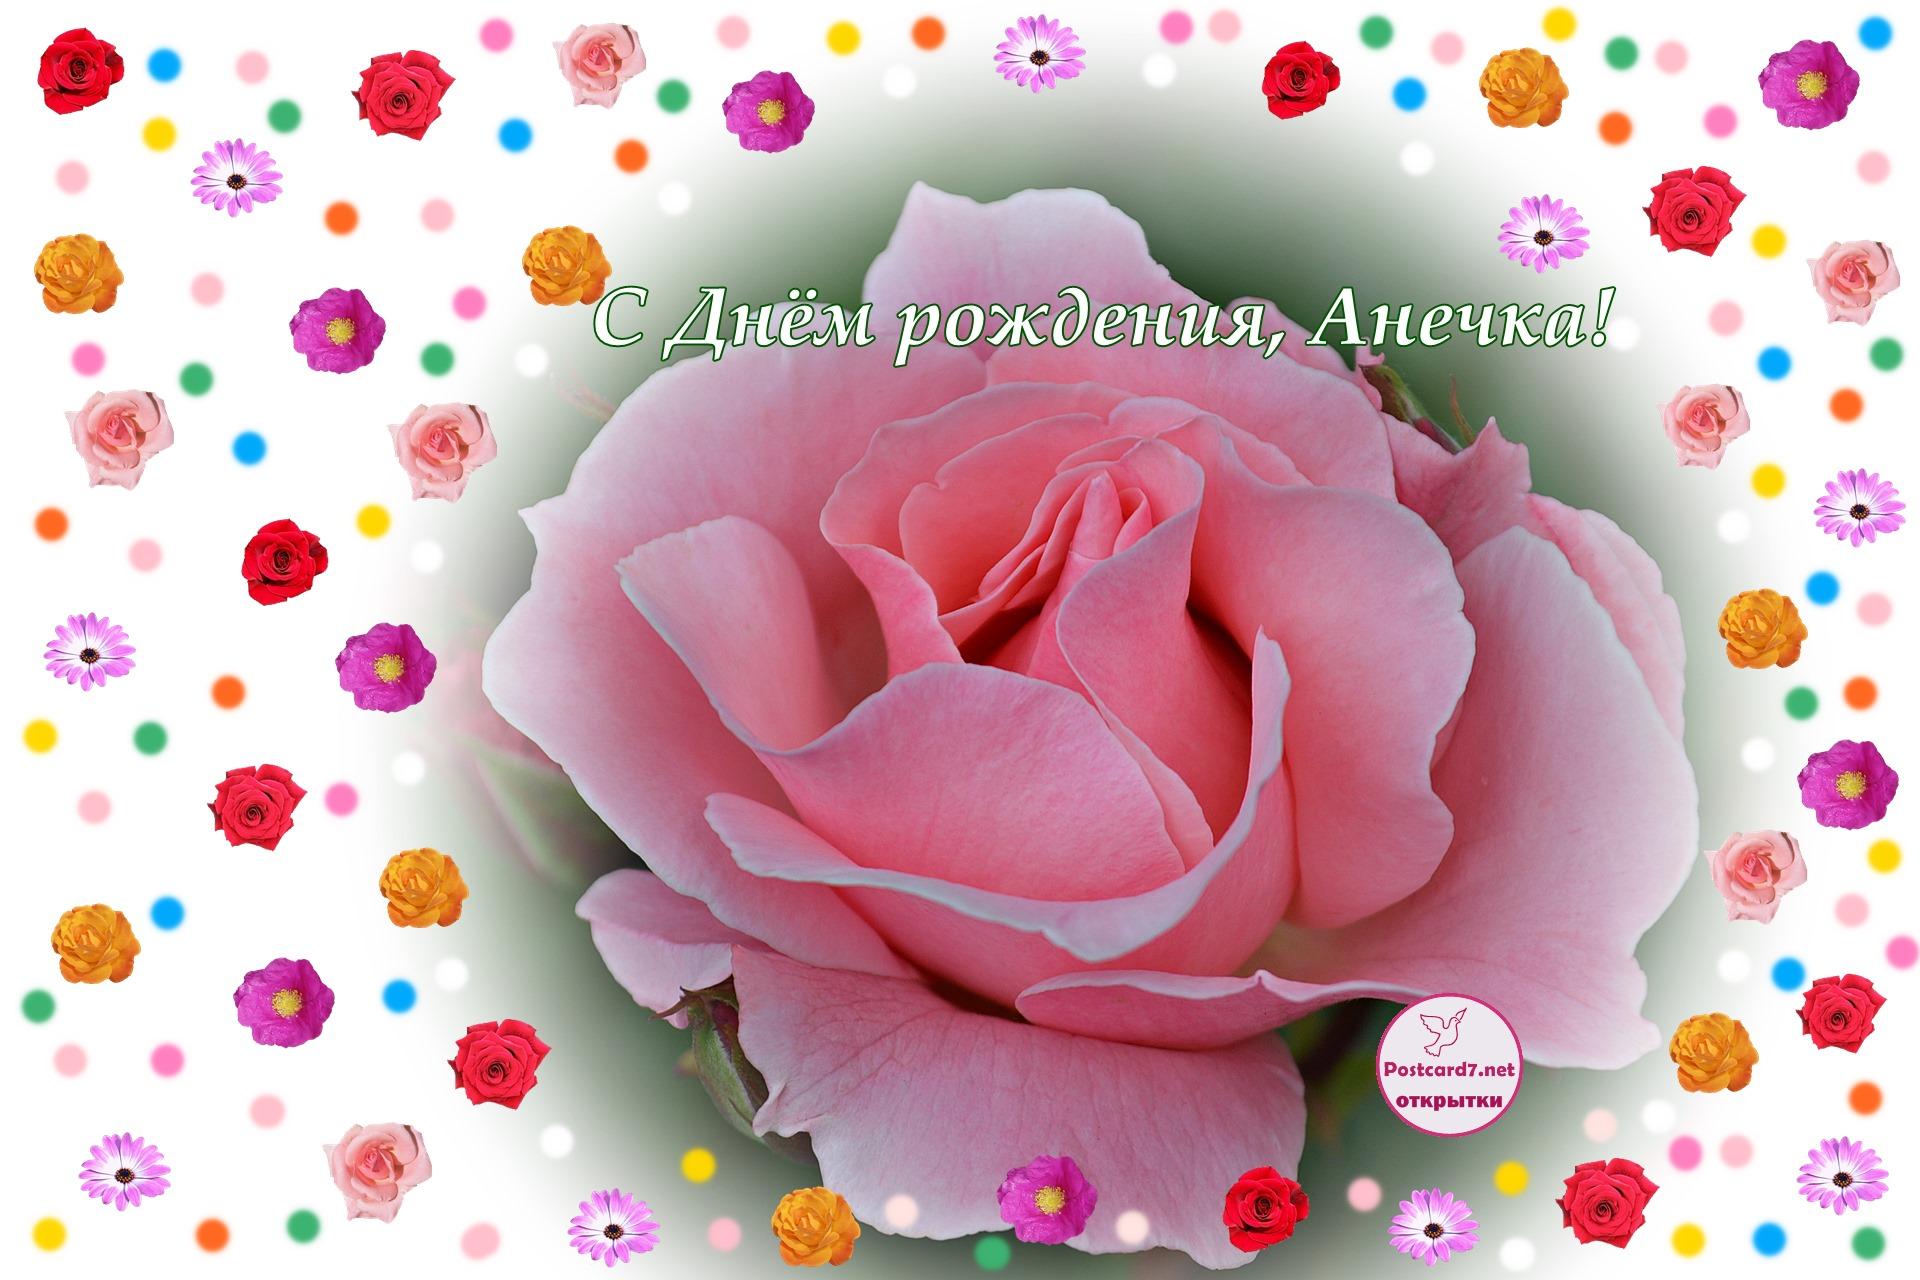 Роза в цветочной рамочке. Открытка в День рождения для Анечки.